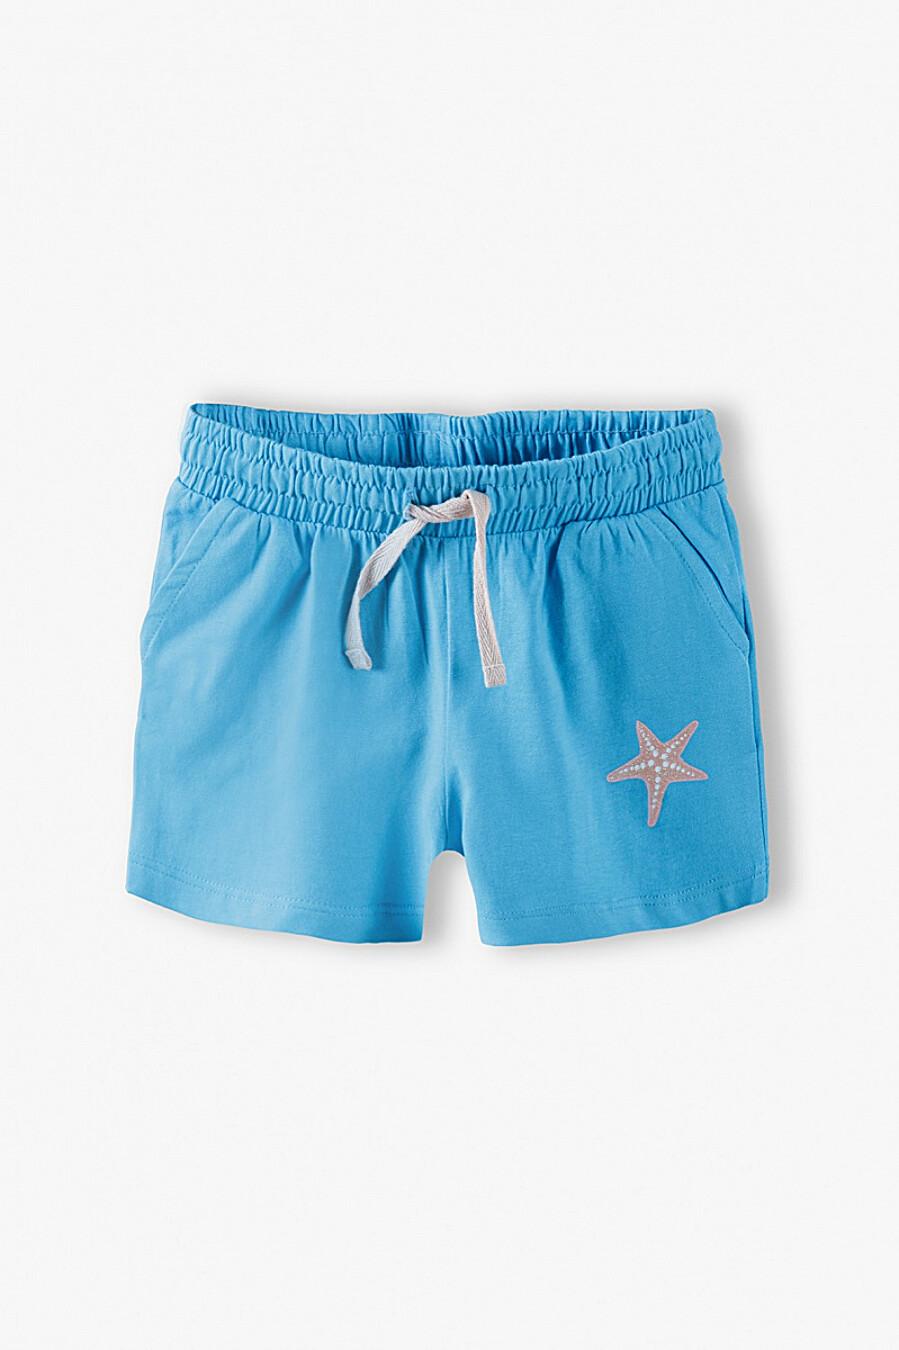 Шорты для девочек 5.10.15 668592 купить оптом от производителя. Совместная покупка детской одежды в OptMoyo